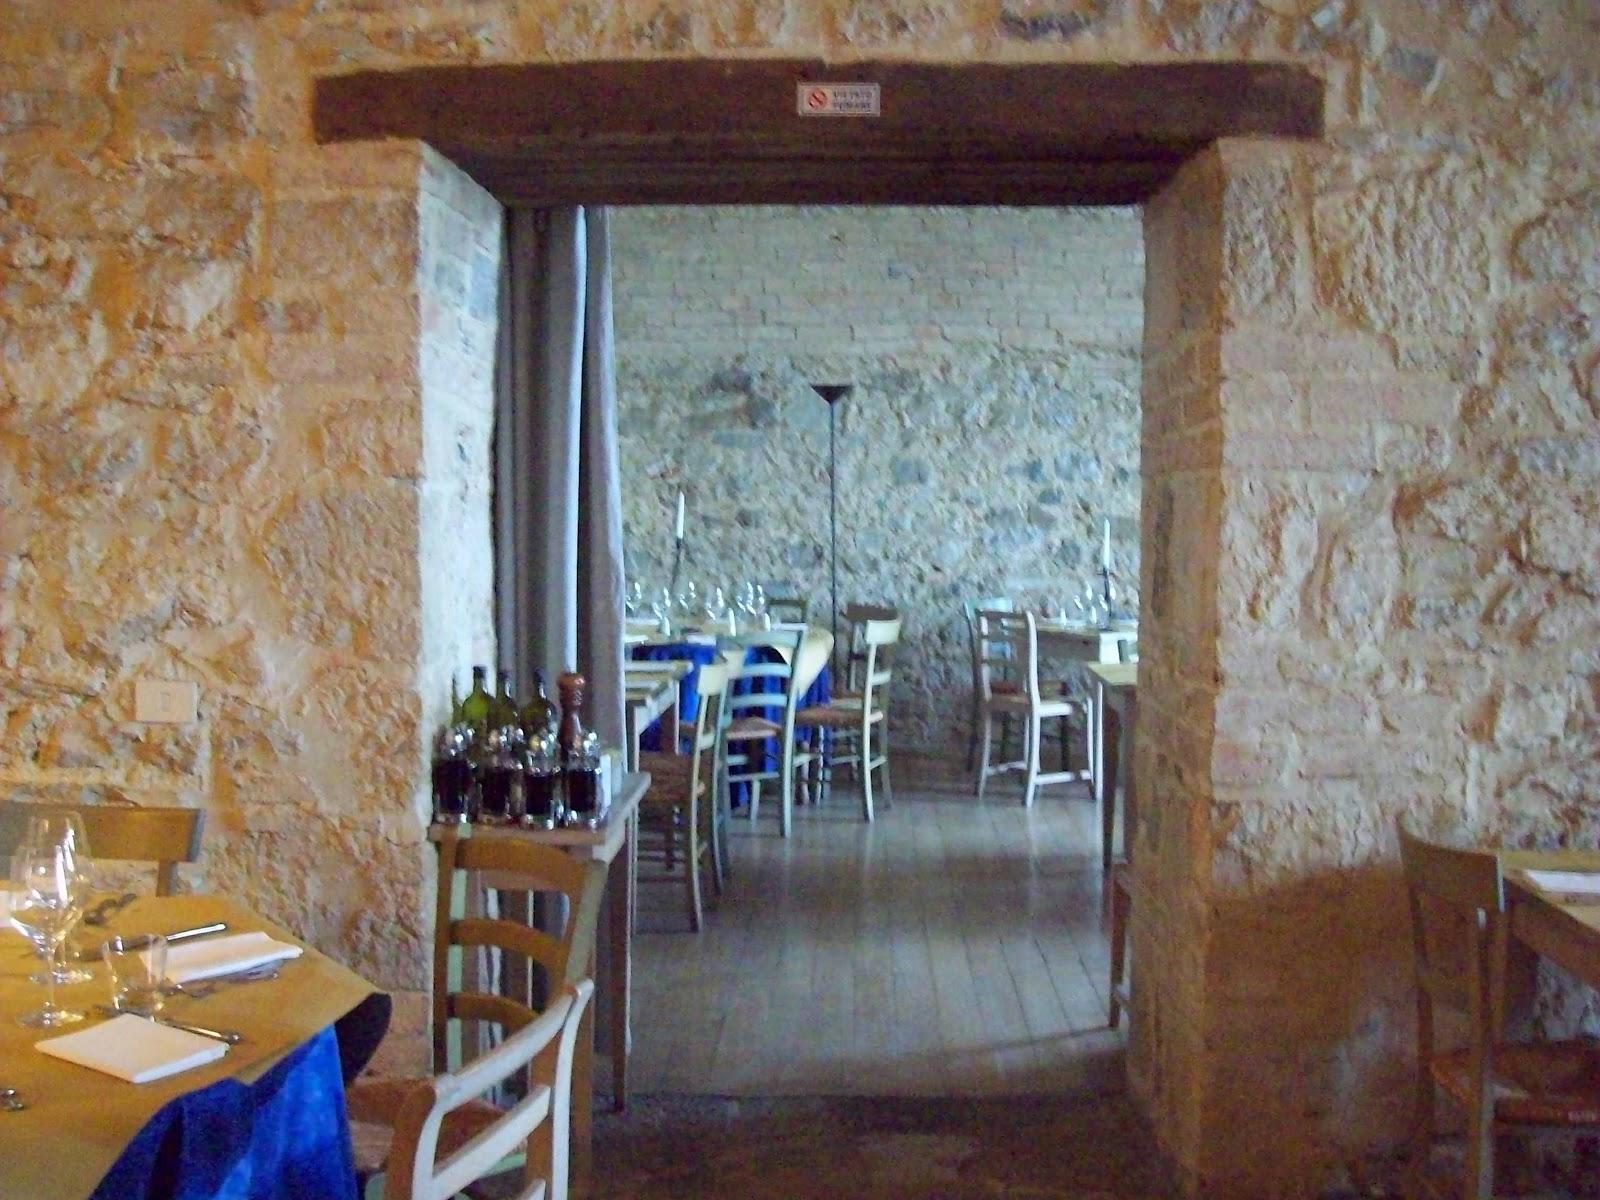 ristorante daniela piazza matteotti 6 53040 san casciano dei bagni tel 39 0578 58234 infosettequerce